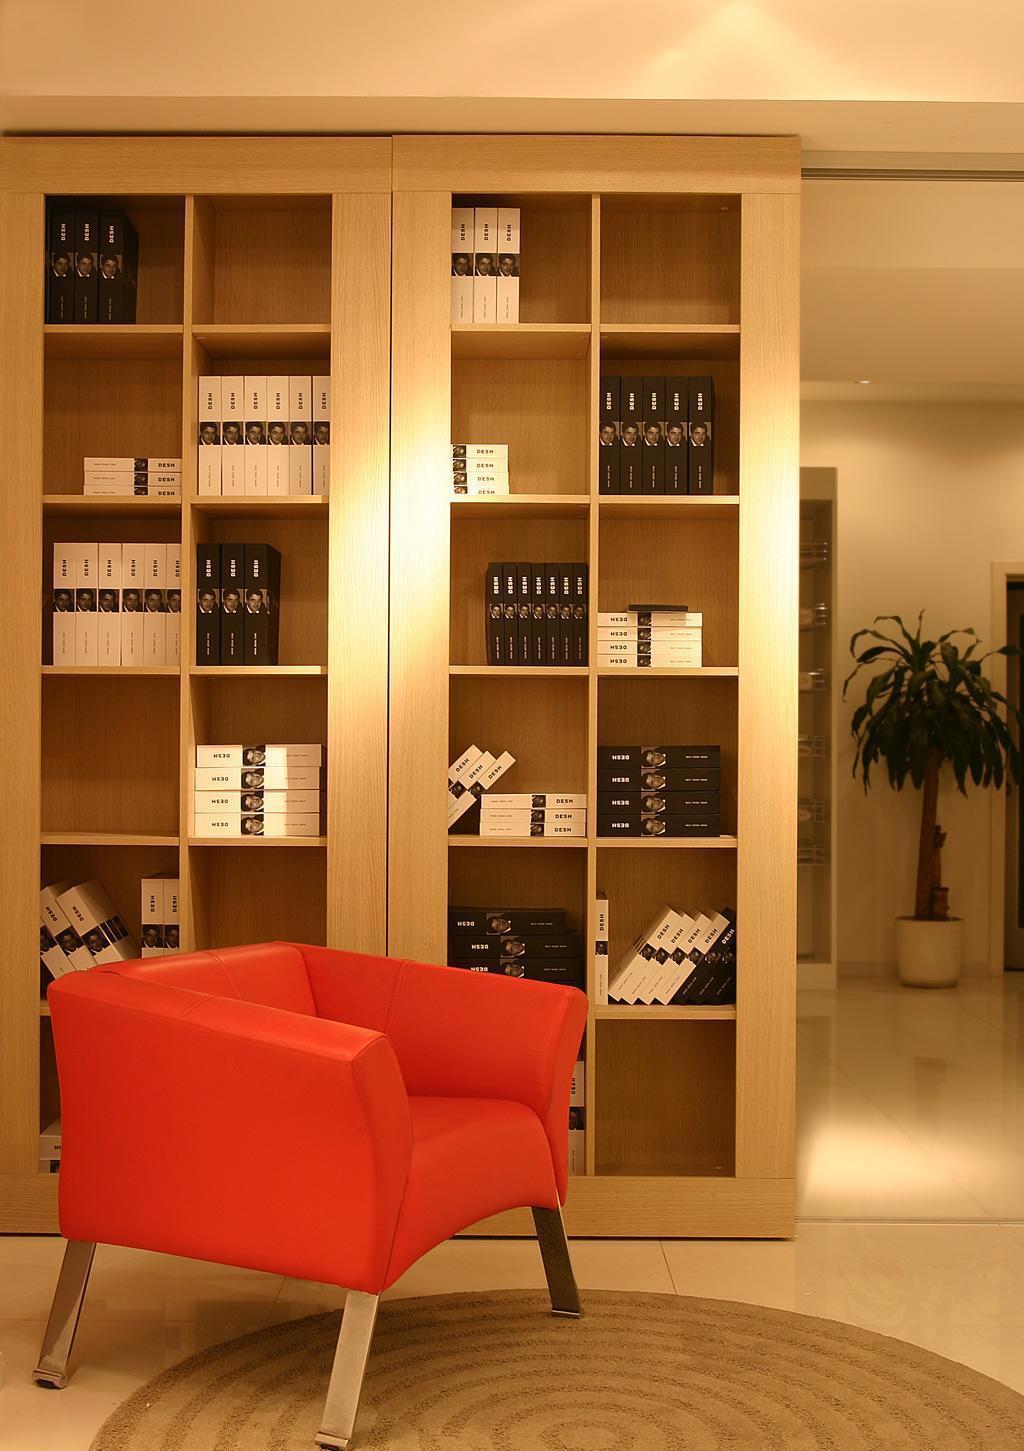 瑞时赛博板式书柜-单色油漆赛博-板式